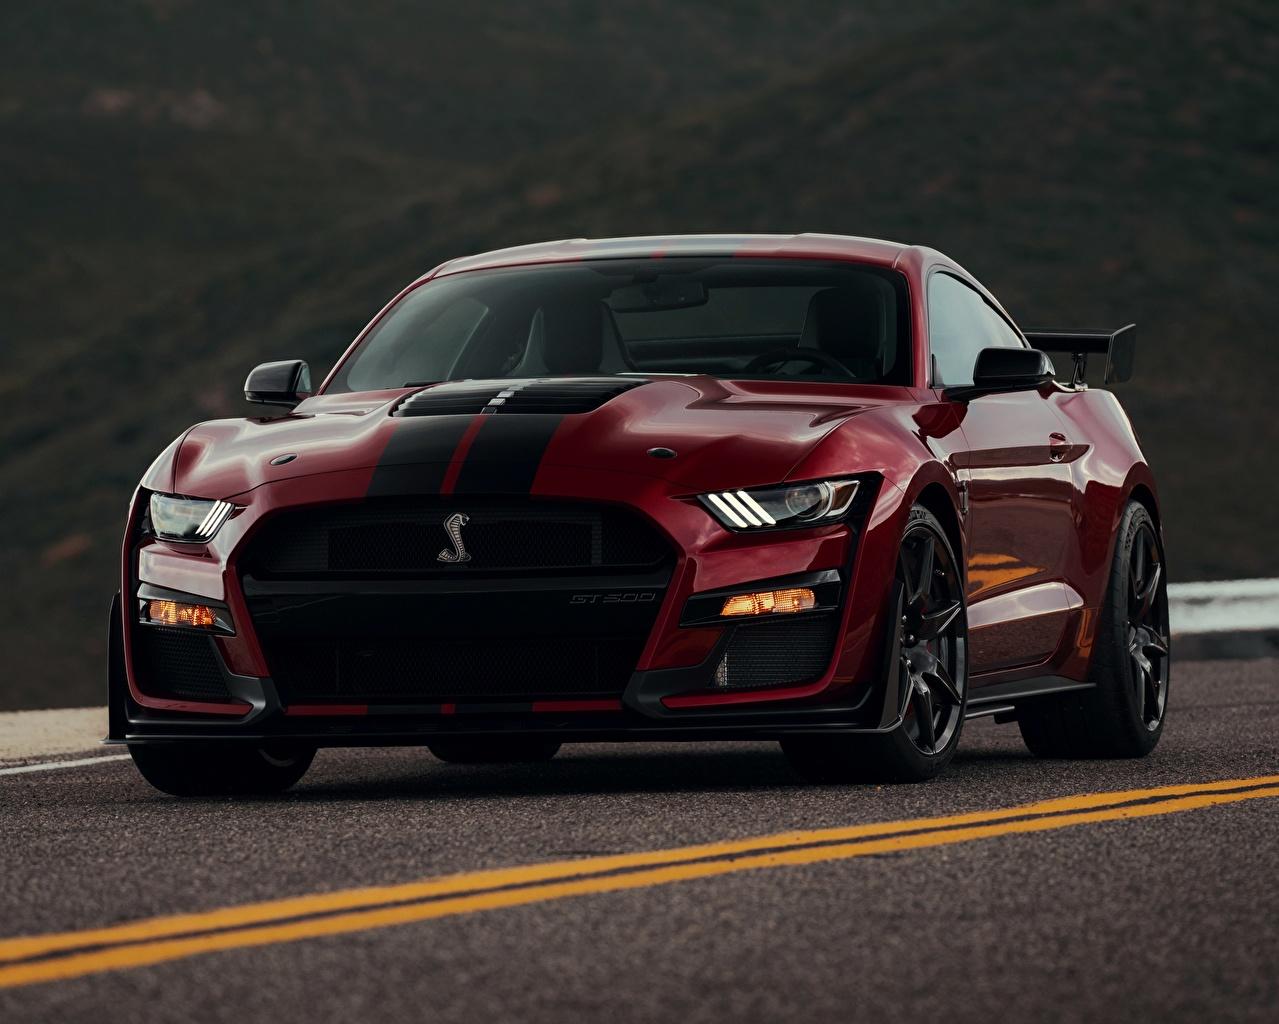 Фотография Ford Mustang Shelby GT500 2019 Бордовый Спереди автомобиль Форд бордовая бордовые темно красный авто машины машина Автомобили